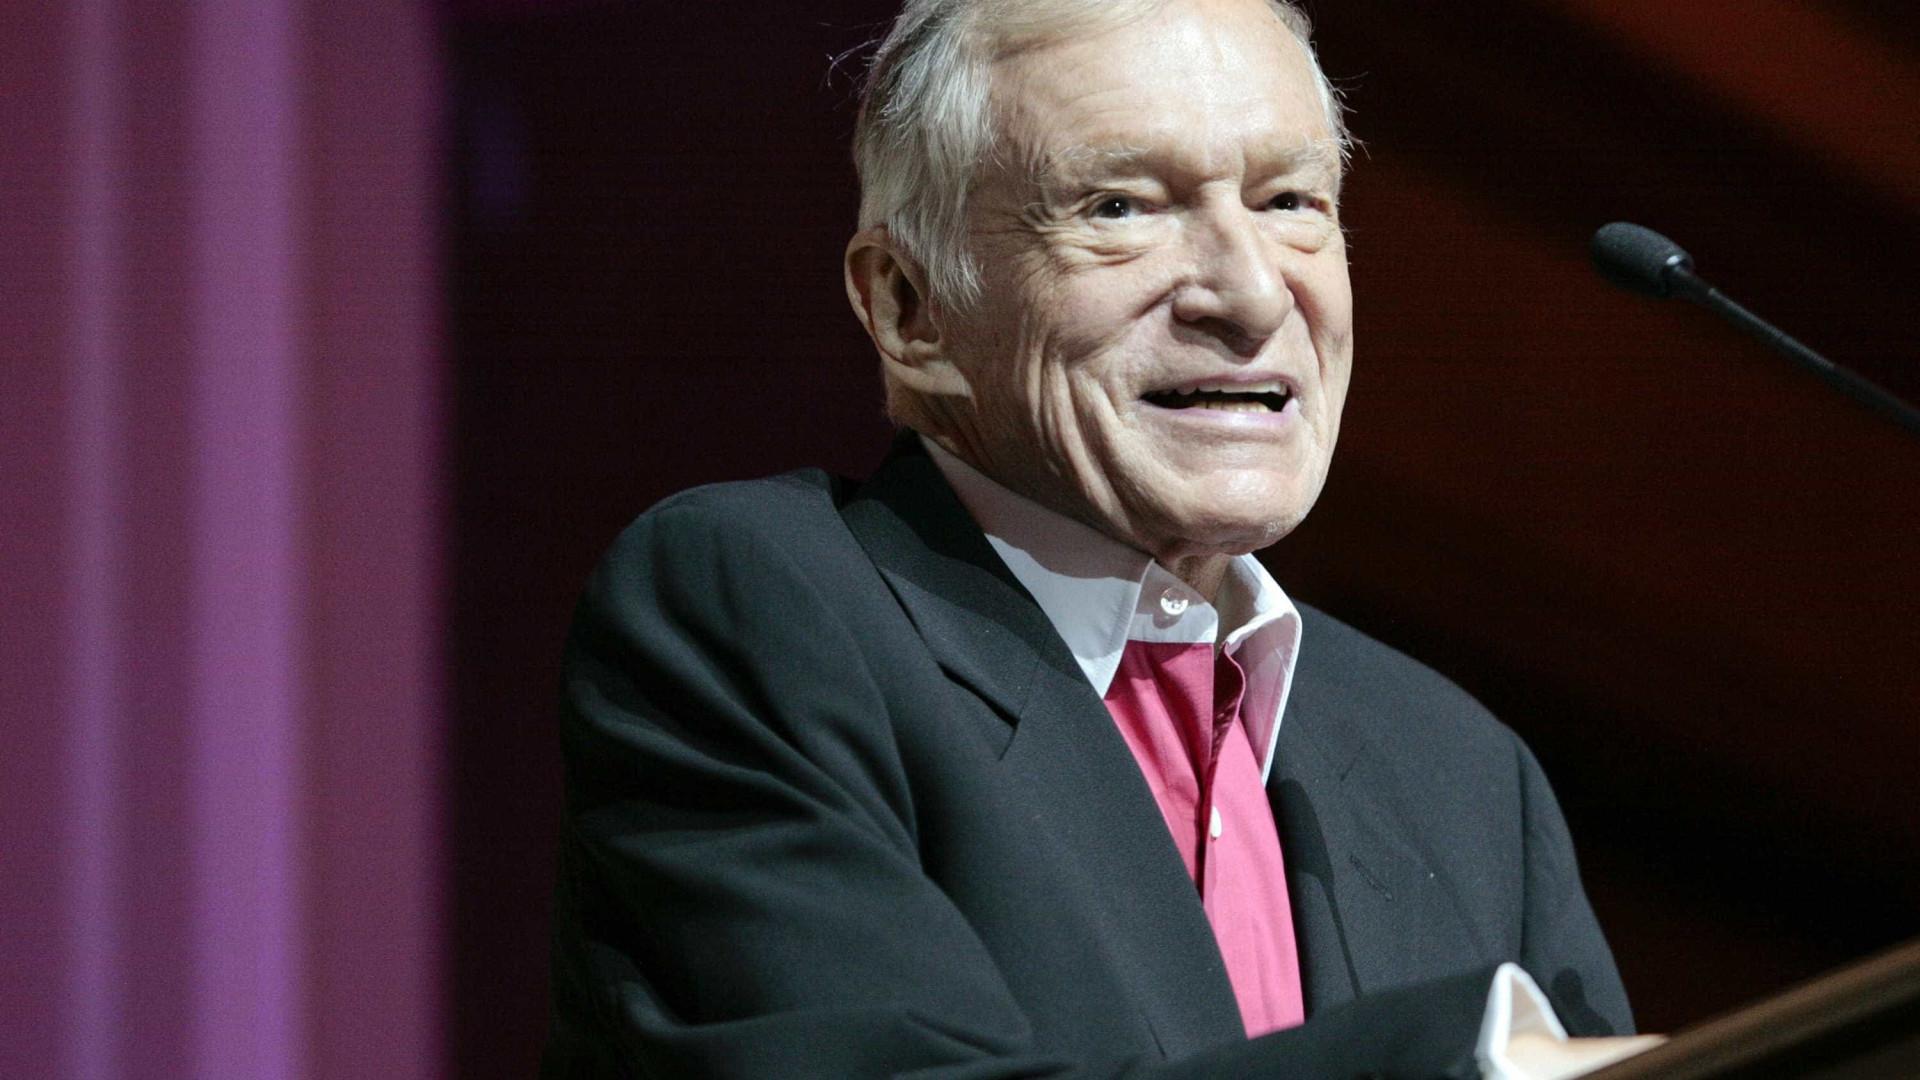 Morre criador da Playboy, aos 91 anos